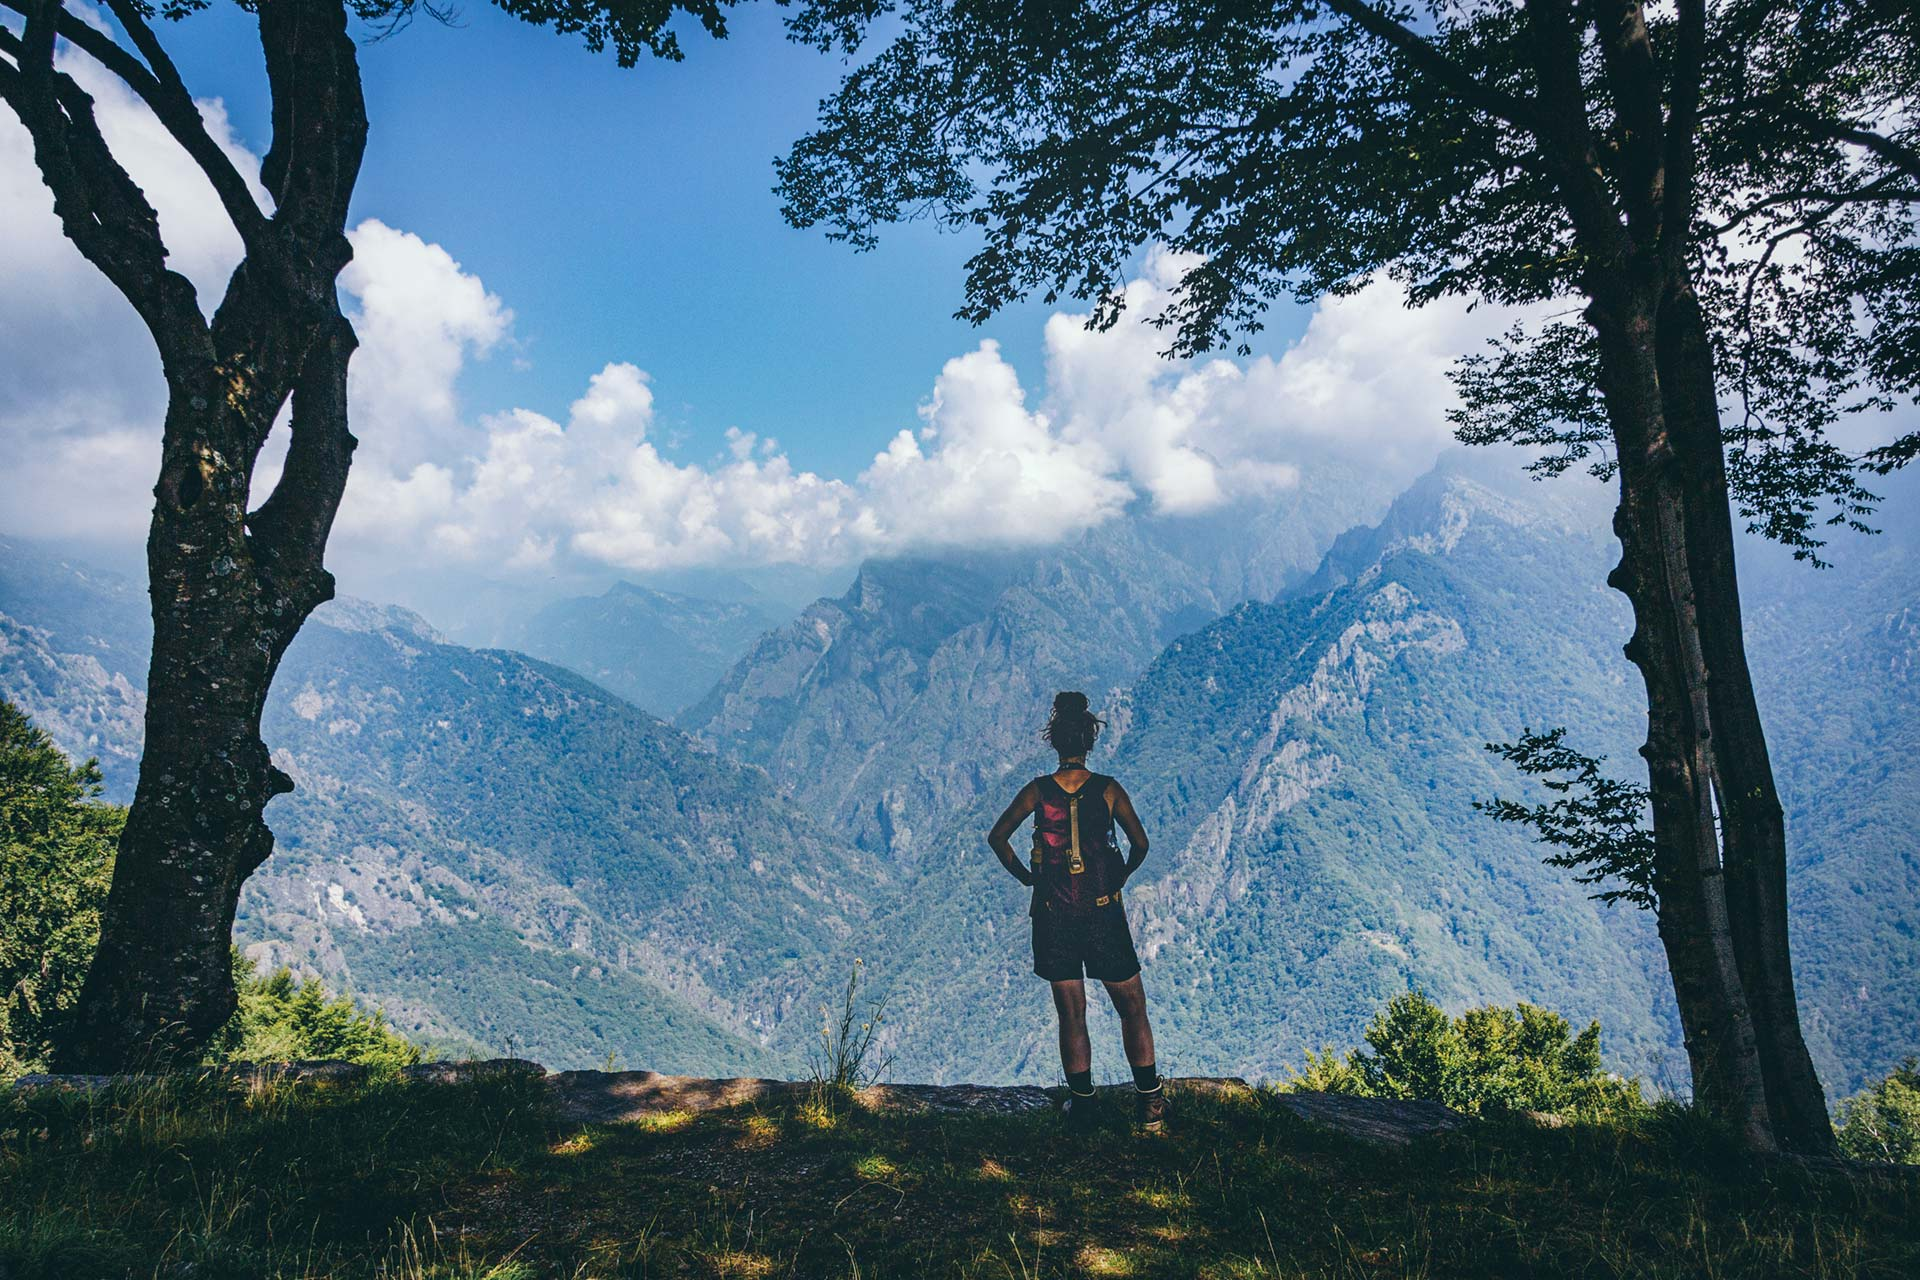 Im Nationalpark Val Grande, dem größten europäischen Schutzgebiet ohne Besiedlung innerhalb seiner Grenzen.